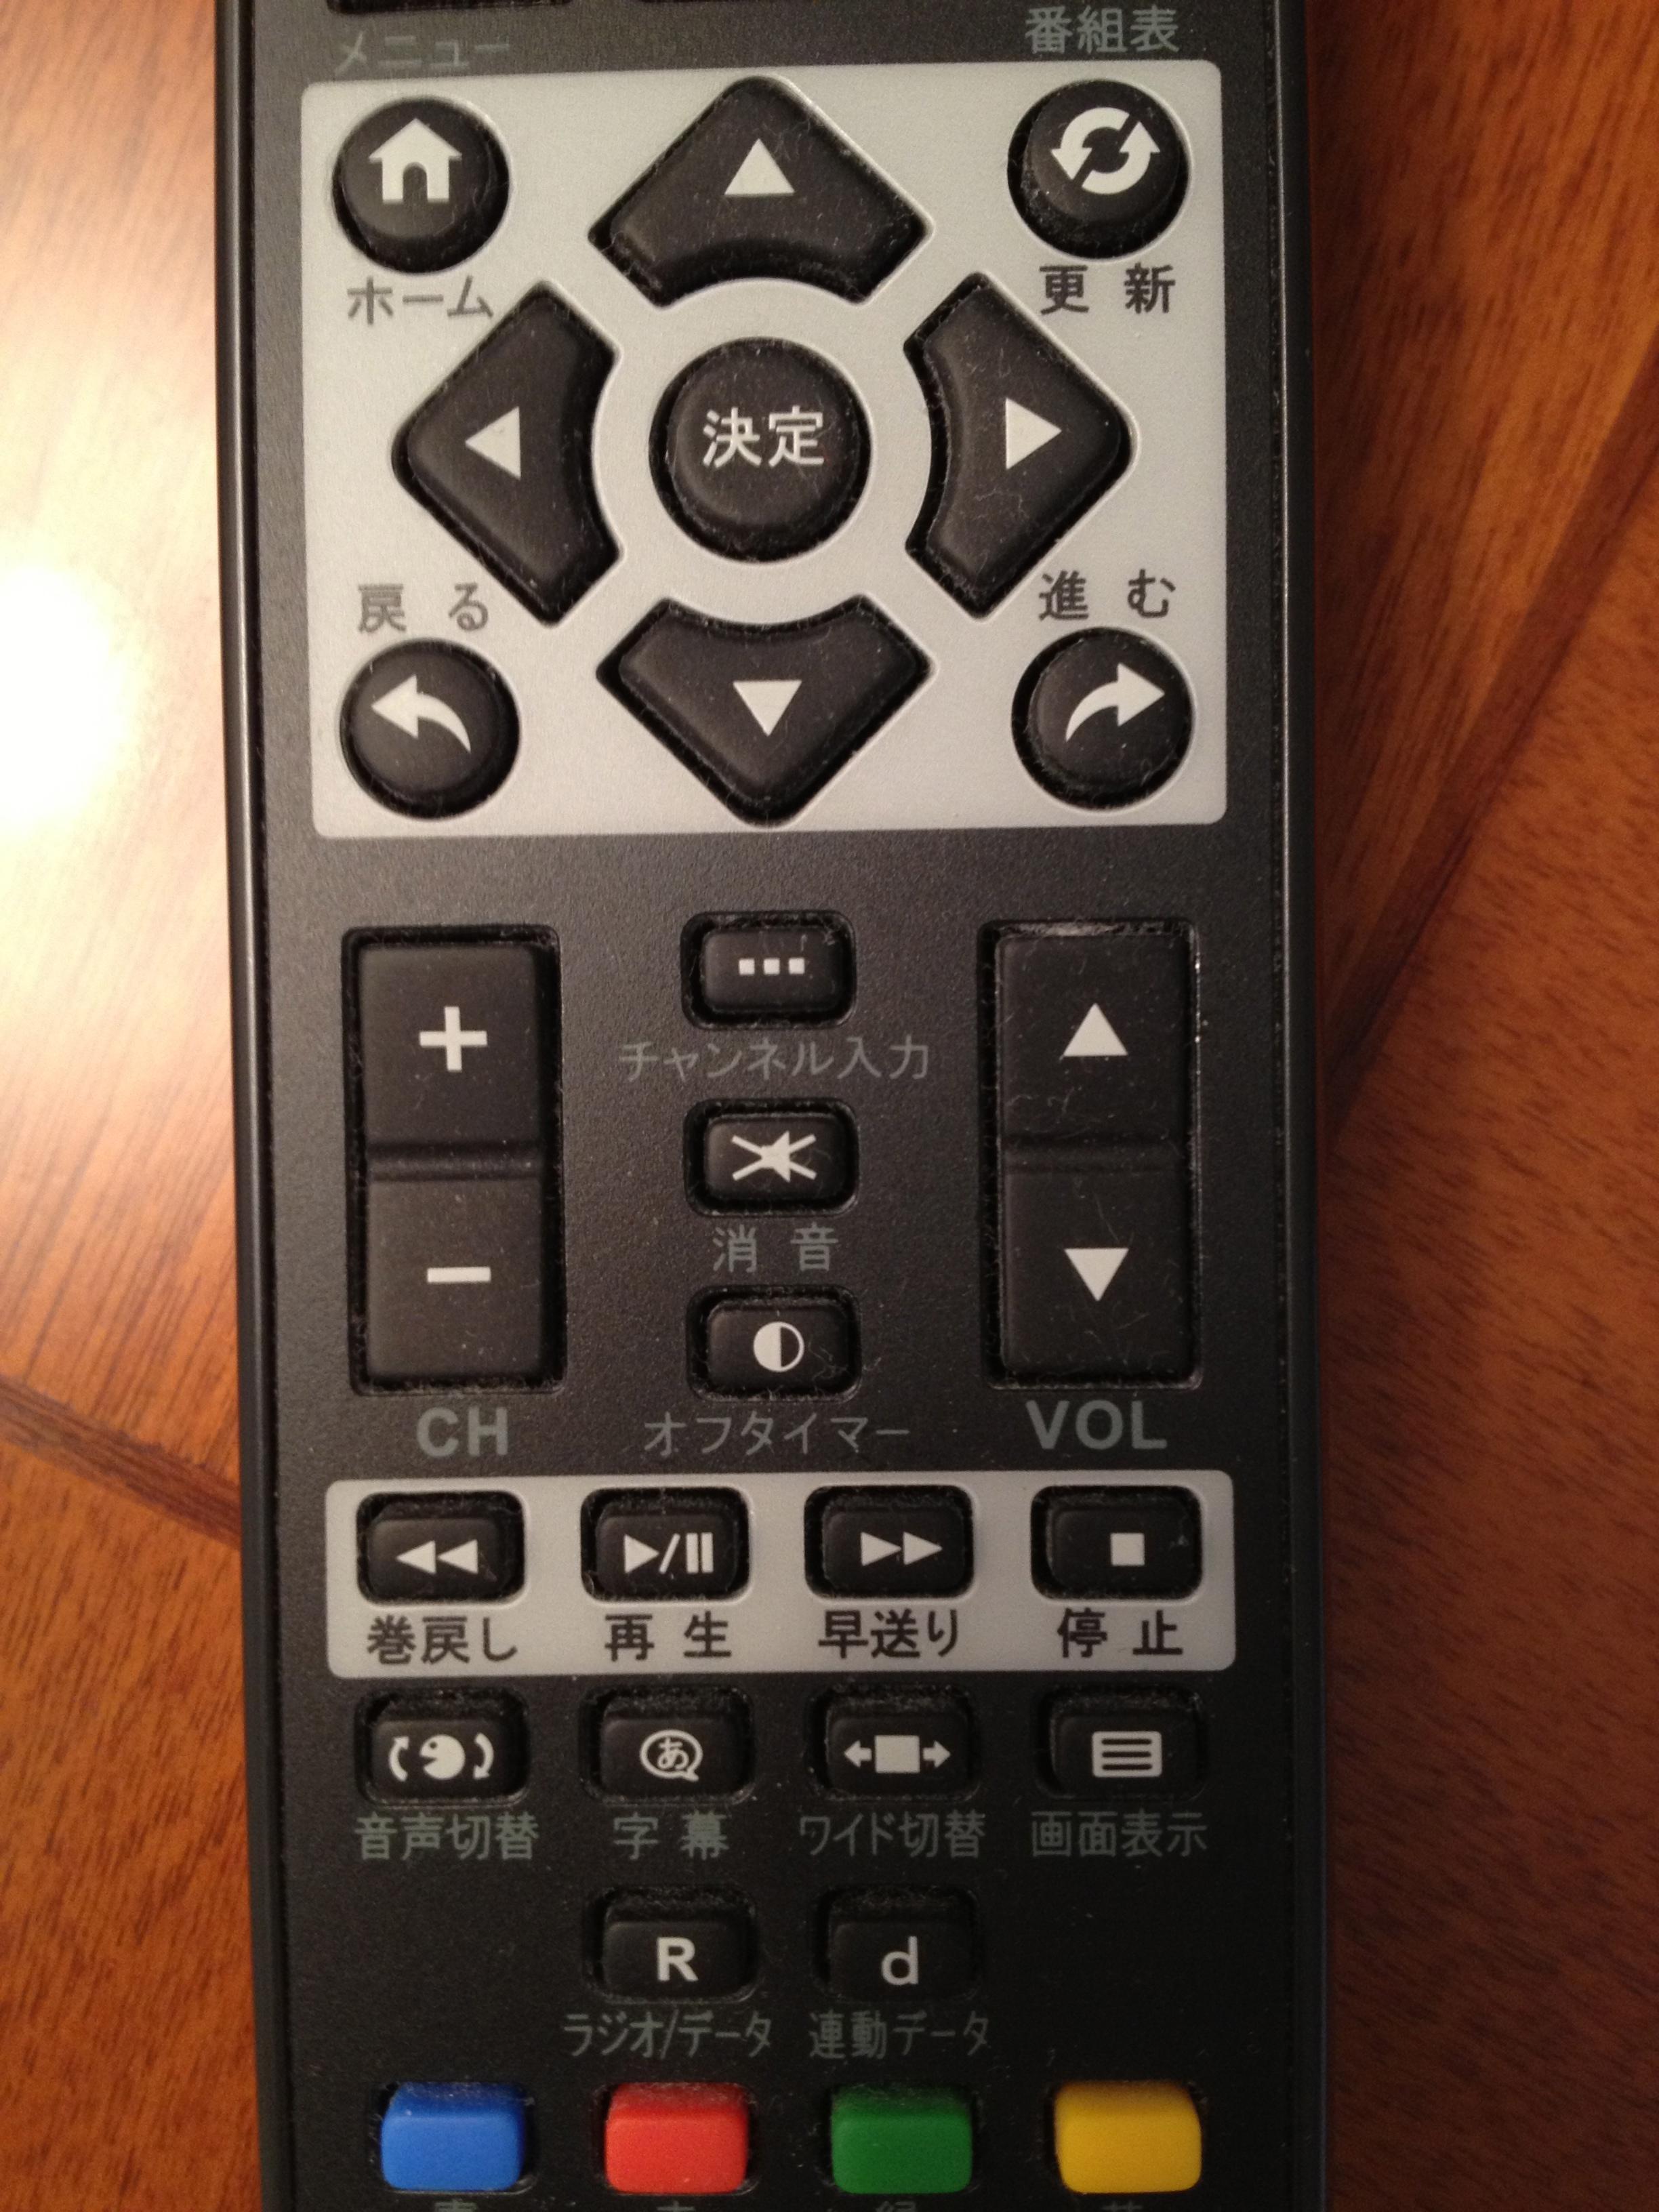 ここで問題です。音量とチャンネル、どっちがどっち?